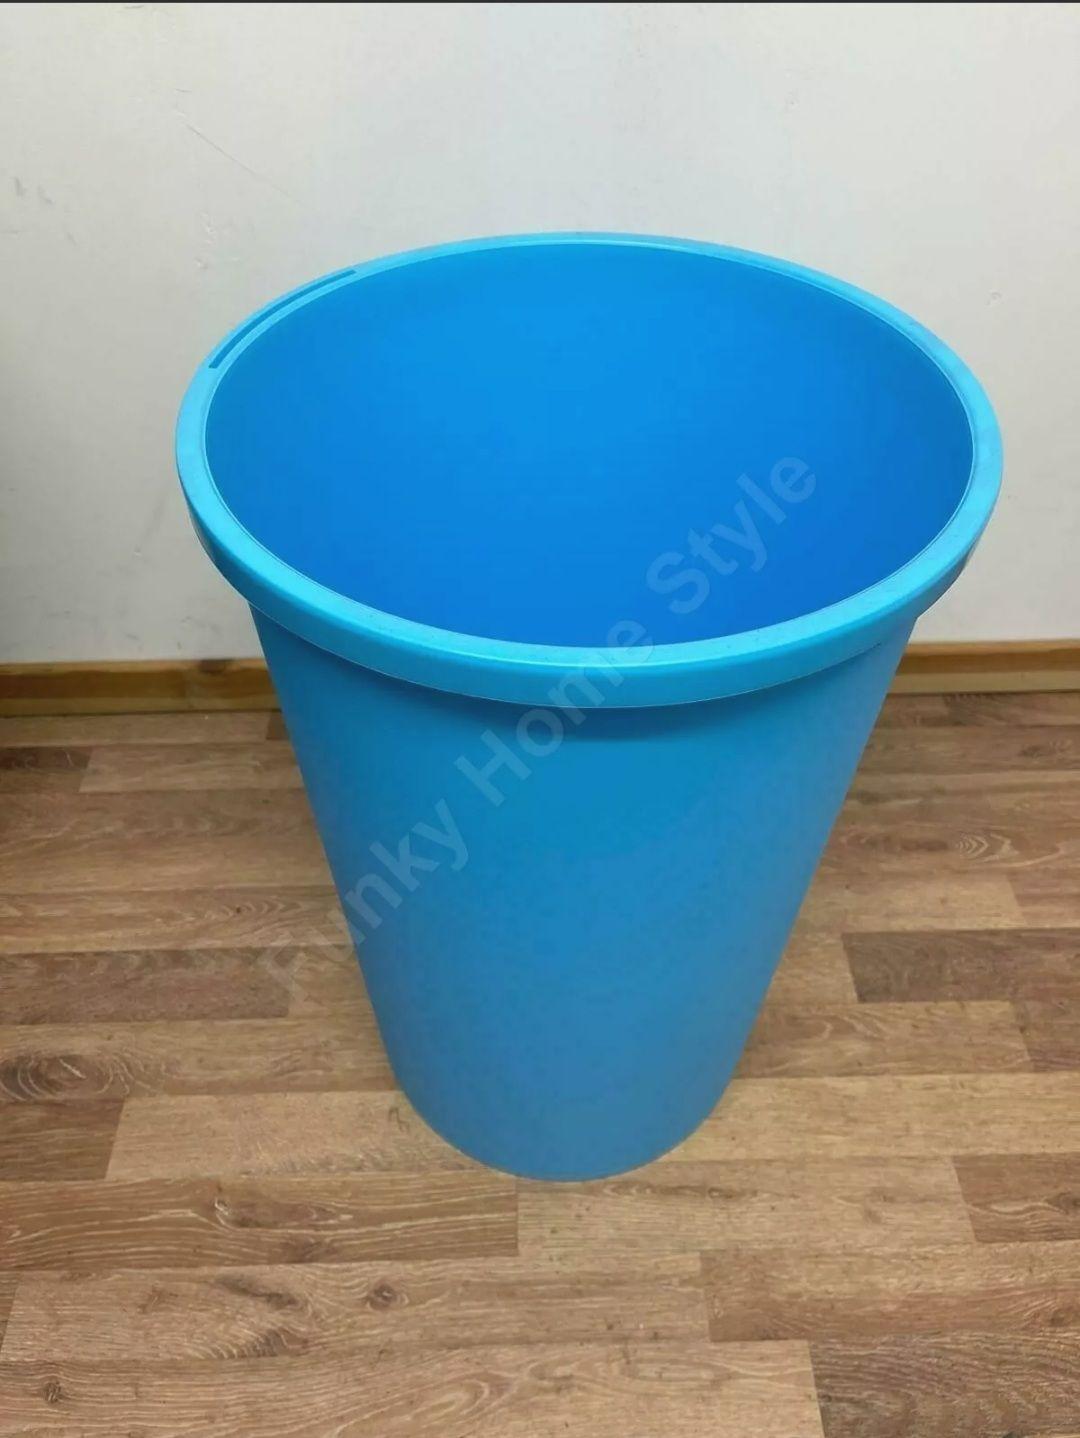 45 Litre Blue Bin - £2.99 delivered @ funkyhomestyle / eBay